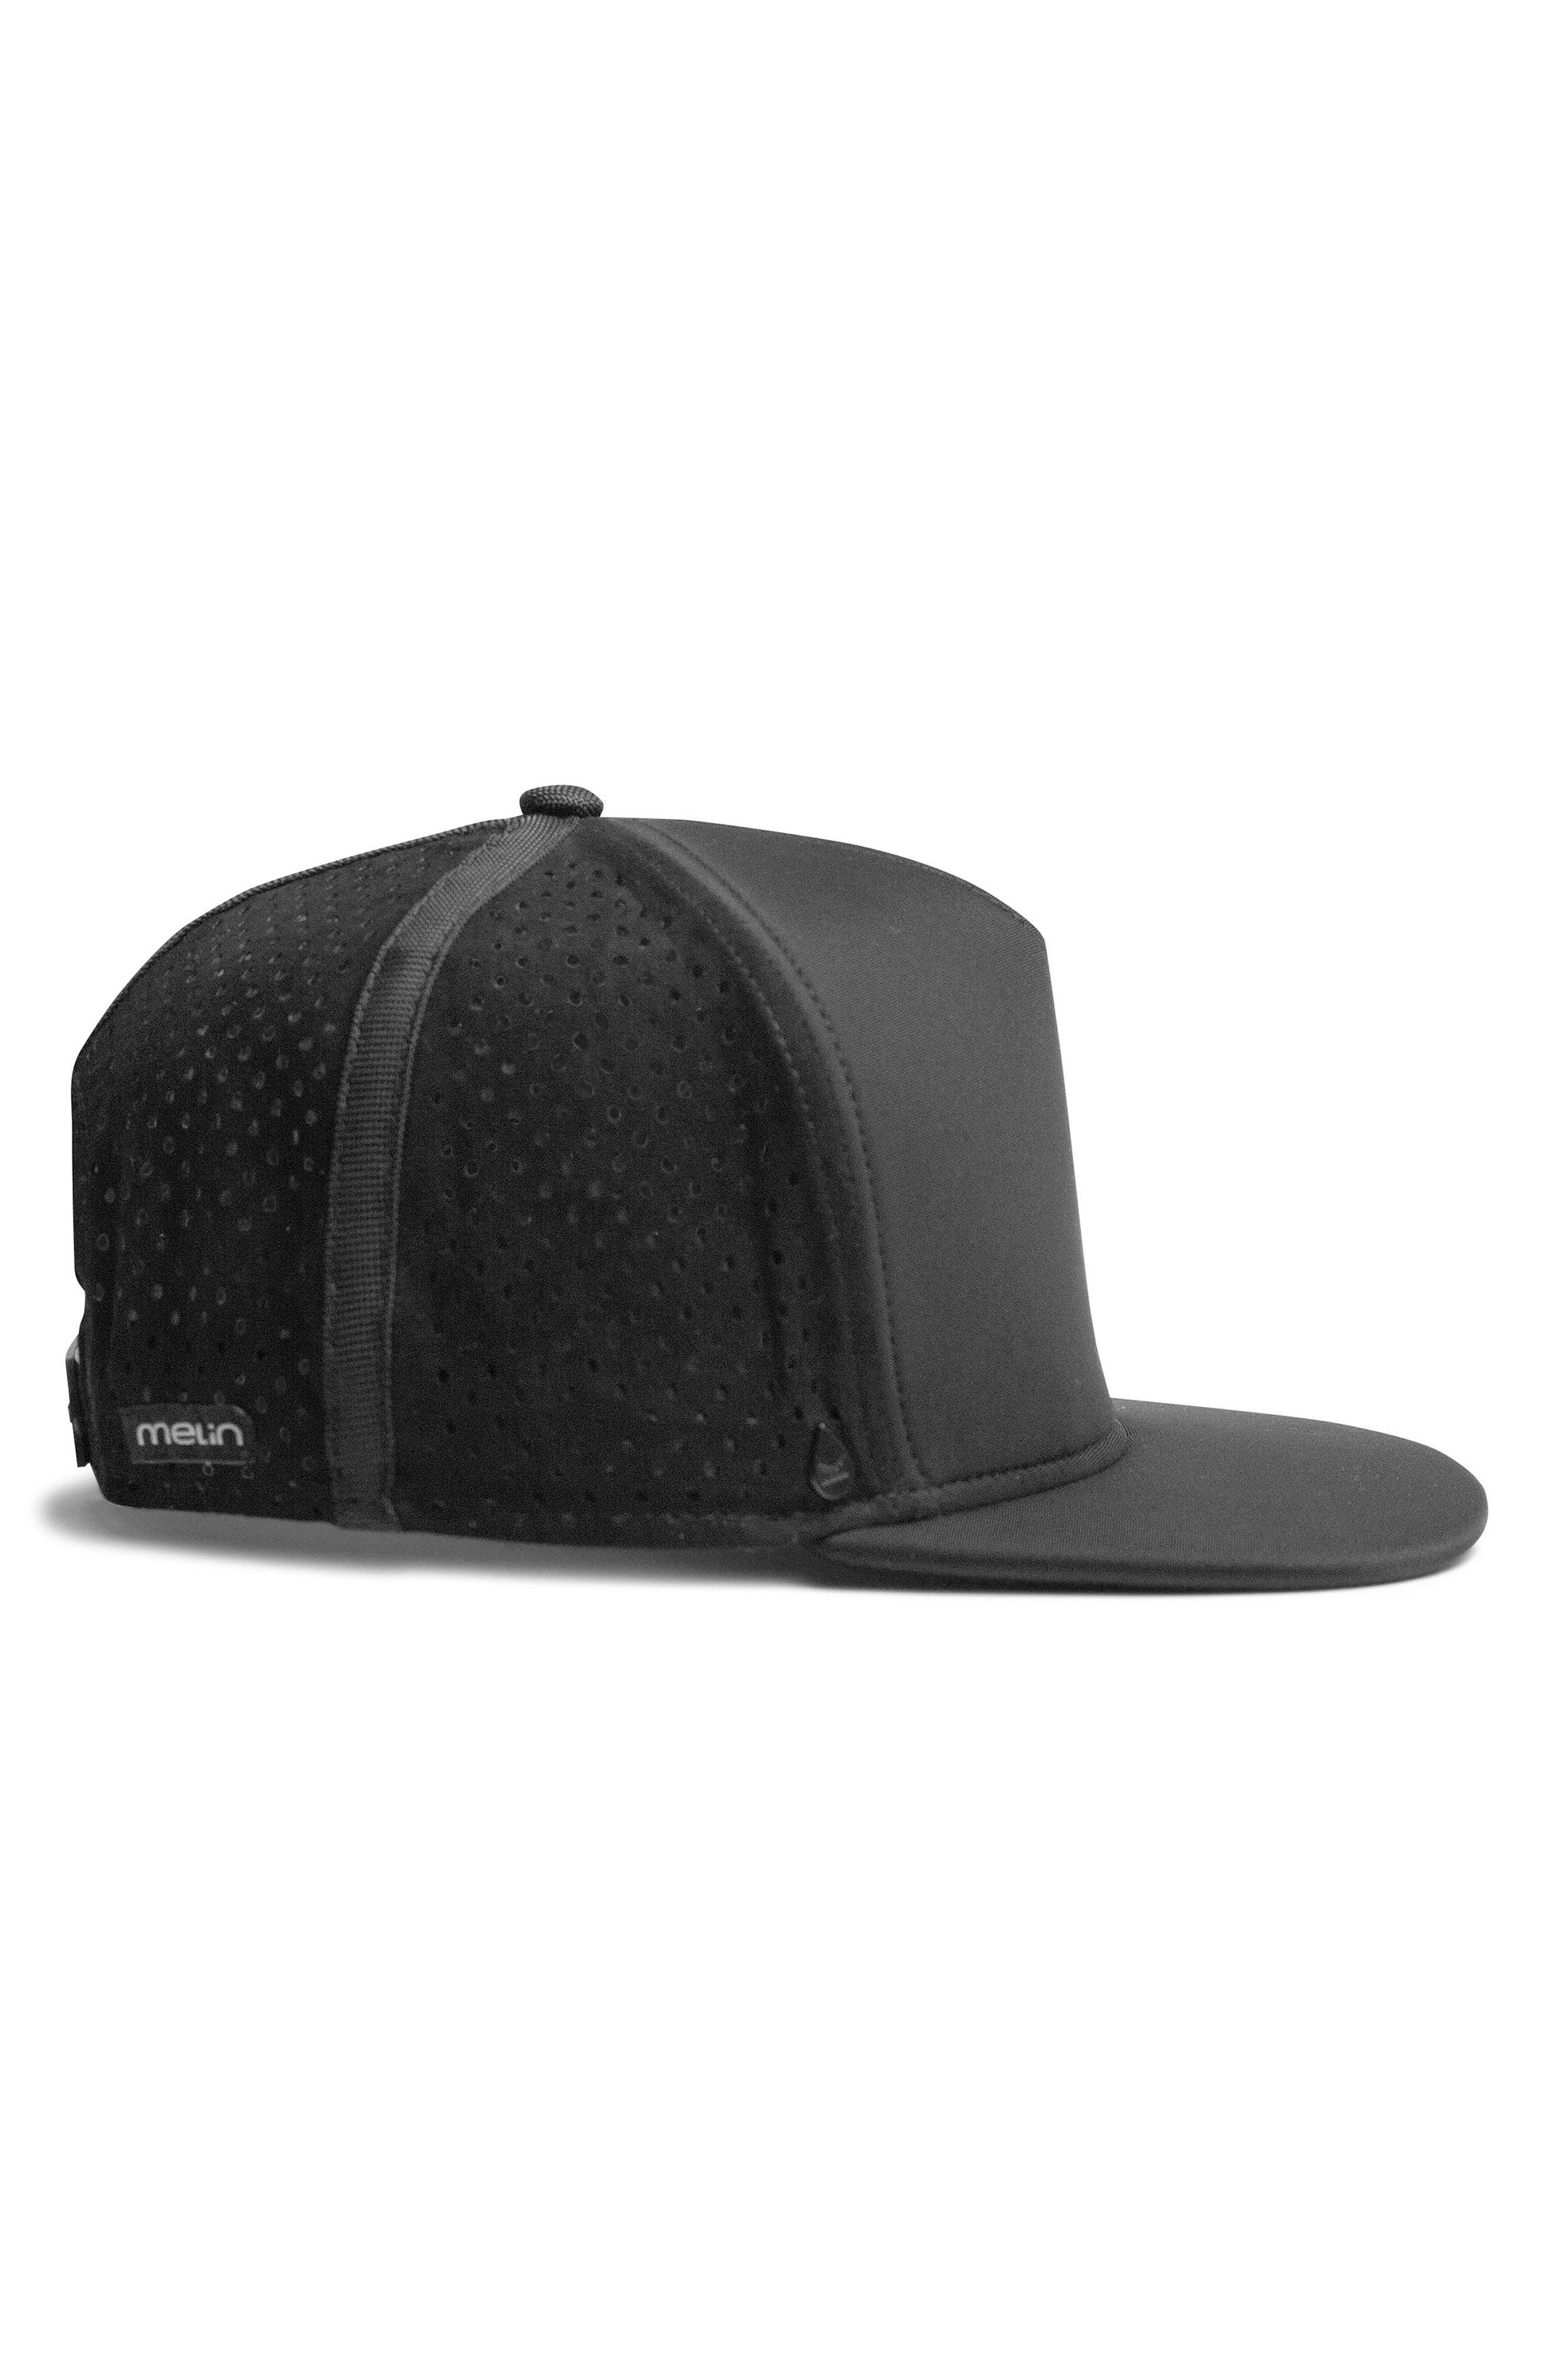 'Amphibian' Split Fit Snapback Baseball Cap,                             Alternate thumbnail 4, color,                             Black/ Black